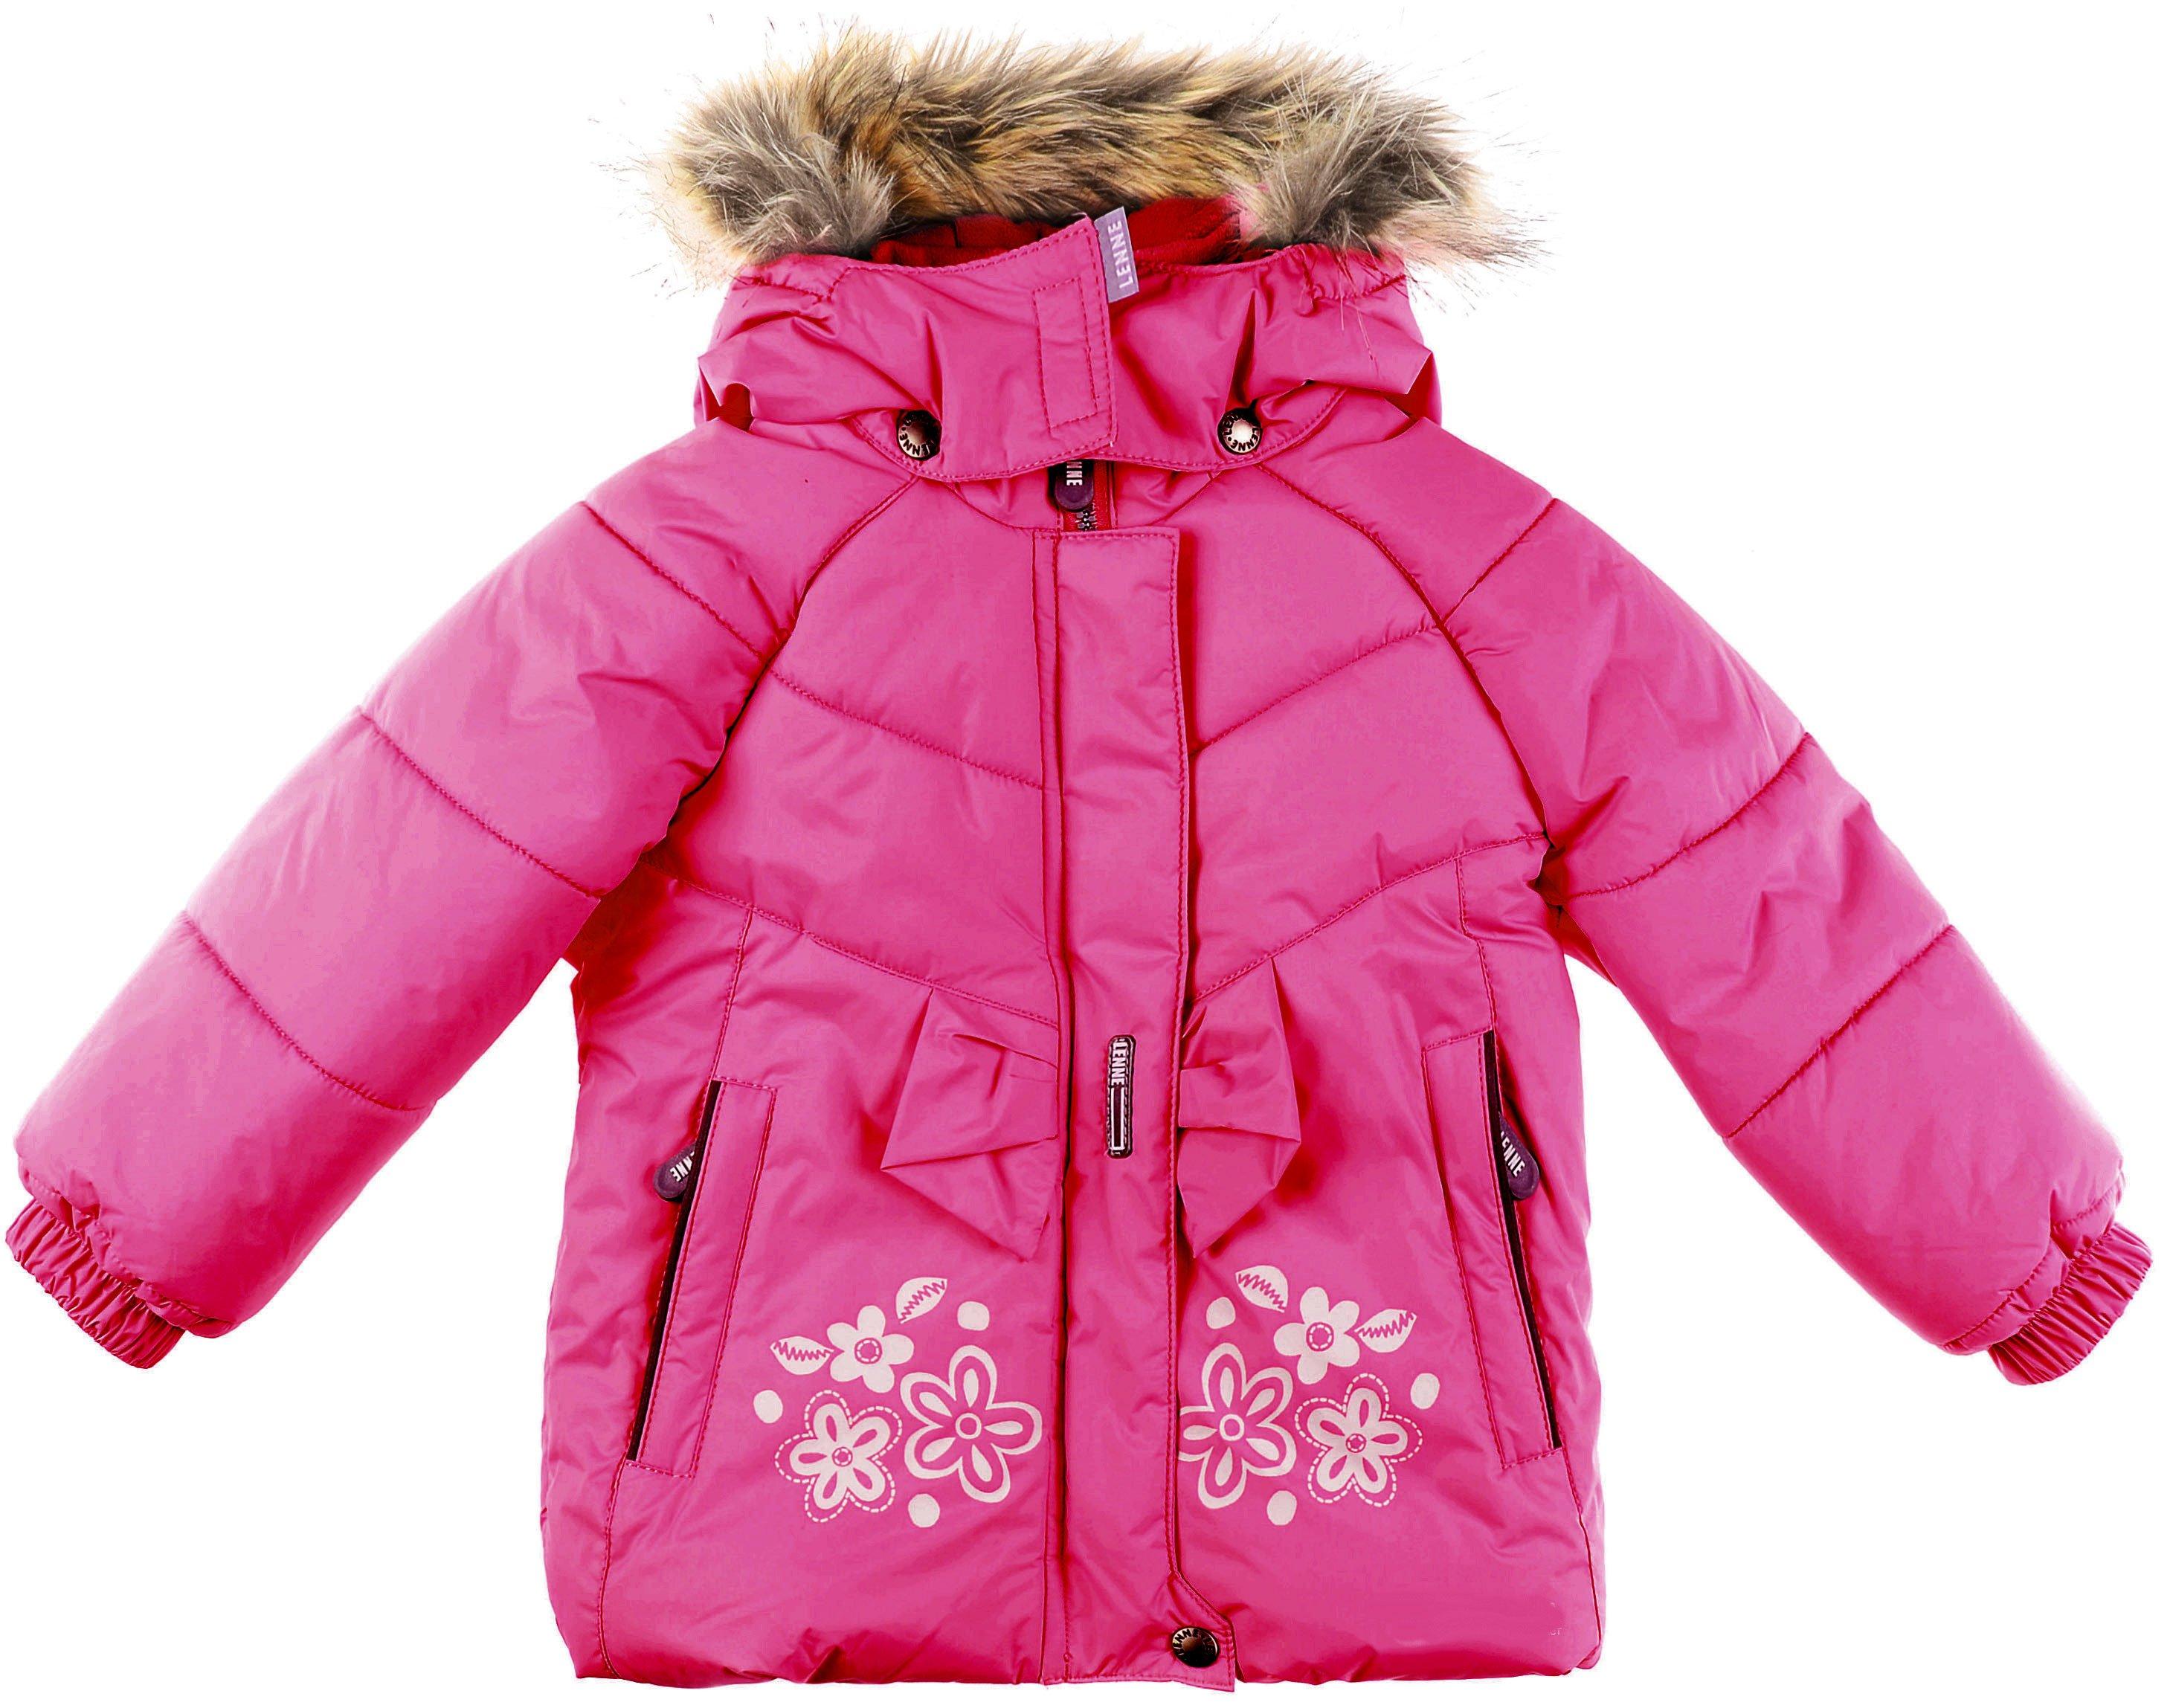 Lenne '17 Miia Art.16310/264 Bērnu siltā ziemas termo jaciņa [jaka] krāsa:264